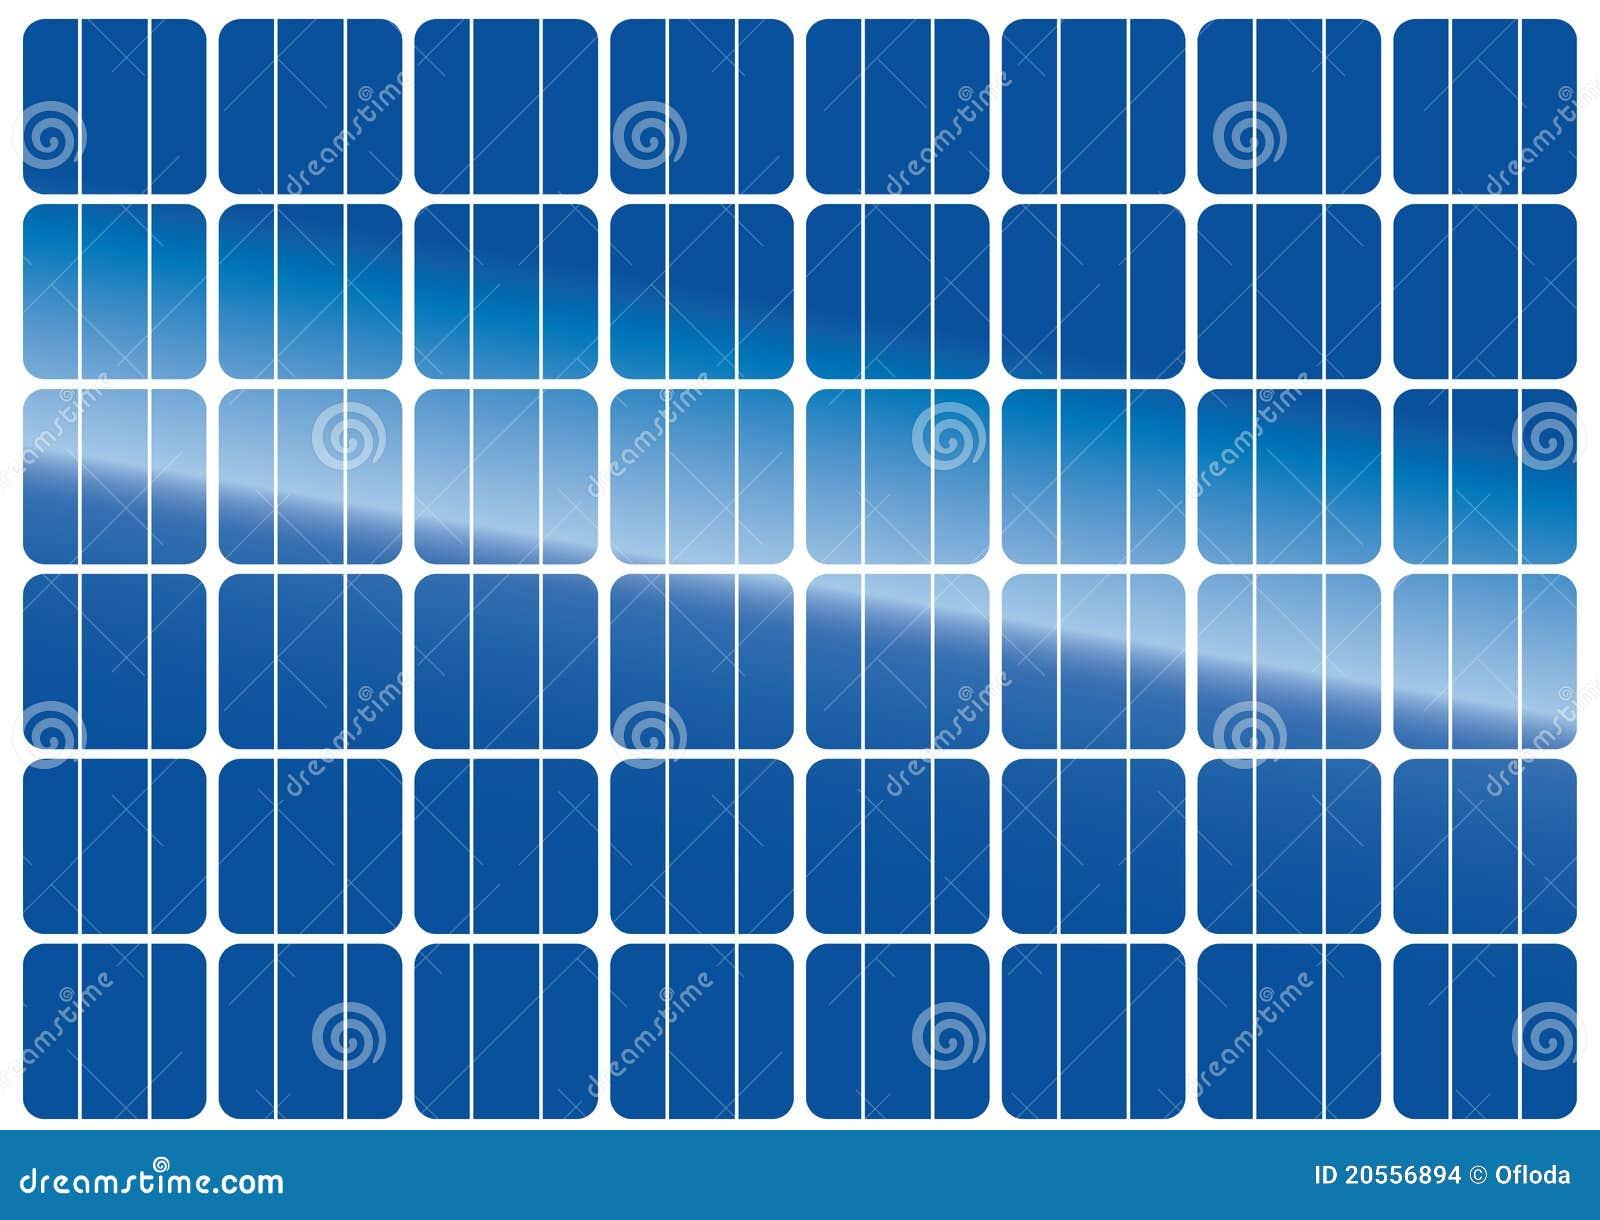 texture de panneau solaire images stock image 20556894. Black Bedroom Furniture Sets. Home Design Ideas